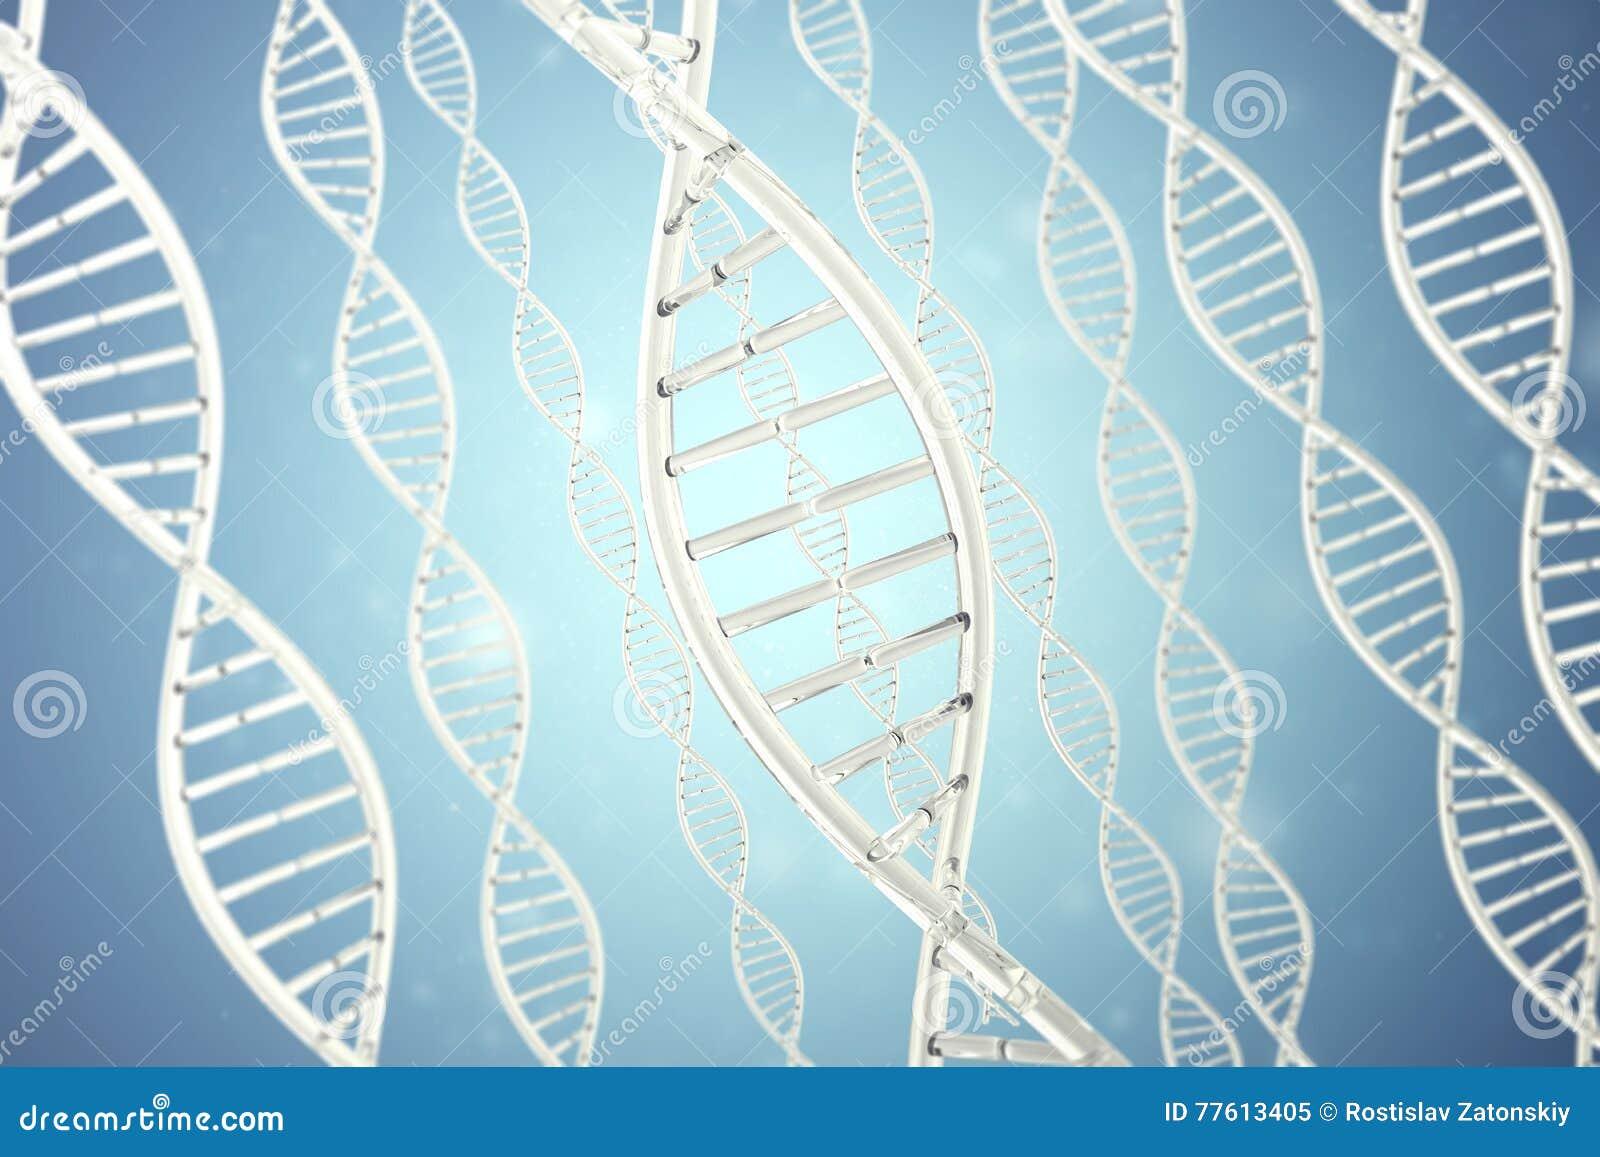 Molécula sintética, artificial do ADN, o conceito da inteligência artificial rendição 3d